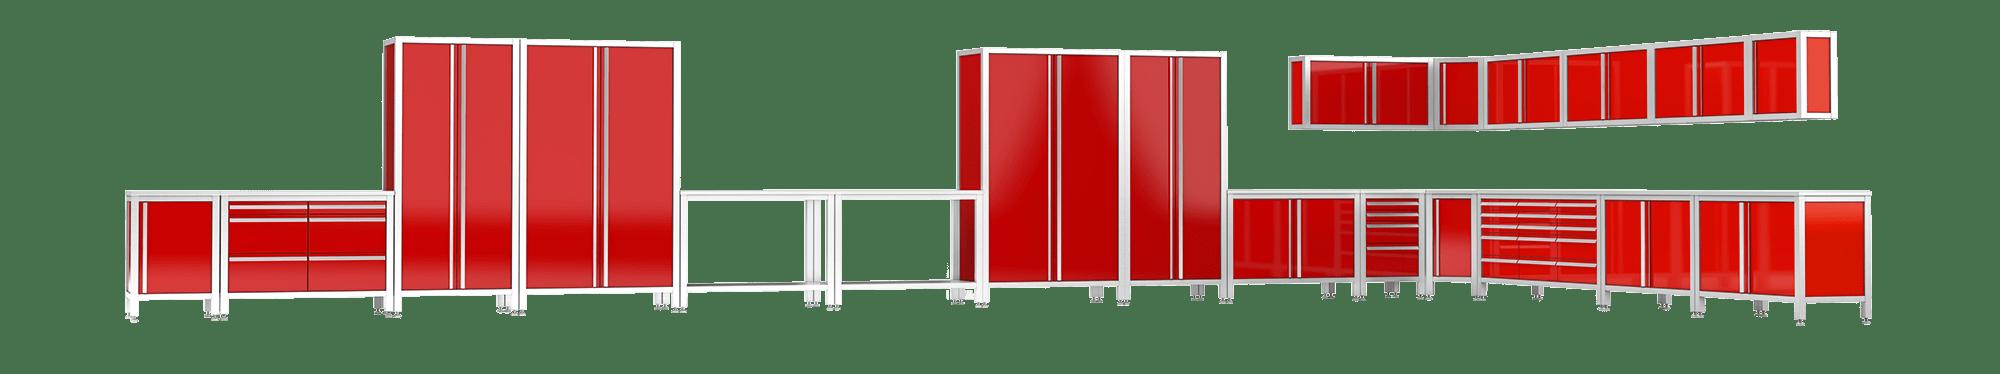 Garageneinrichtung für Luxusgarage - MASCAN Edelstahlmodule in rot